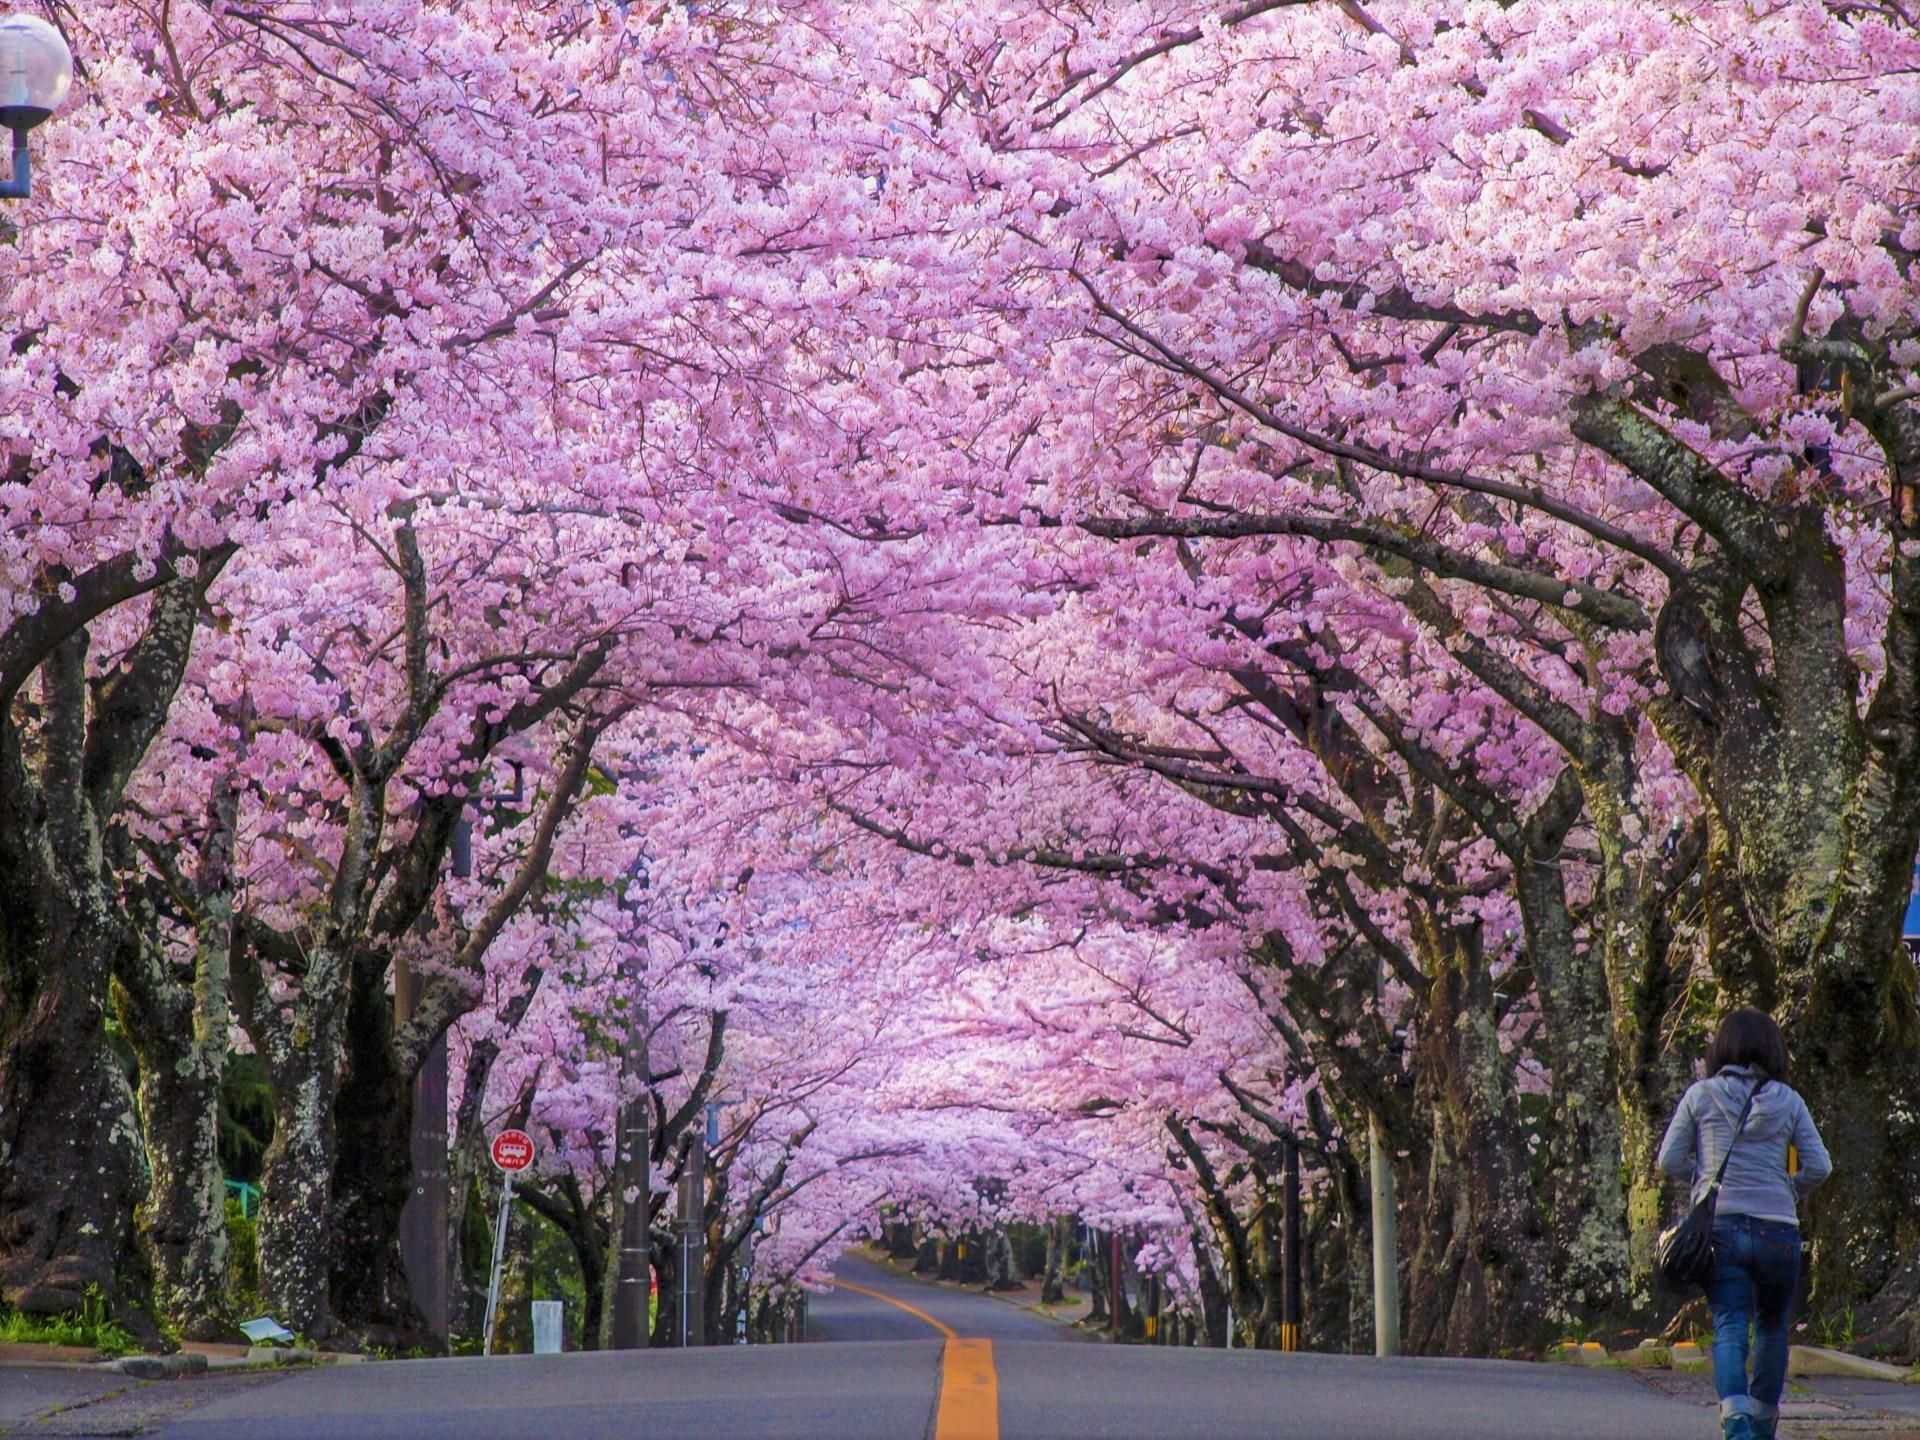 Mùa hoa Anh Đào Nhật Bản đẹp